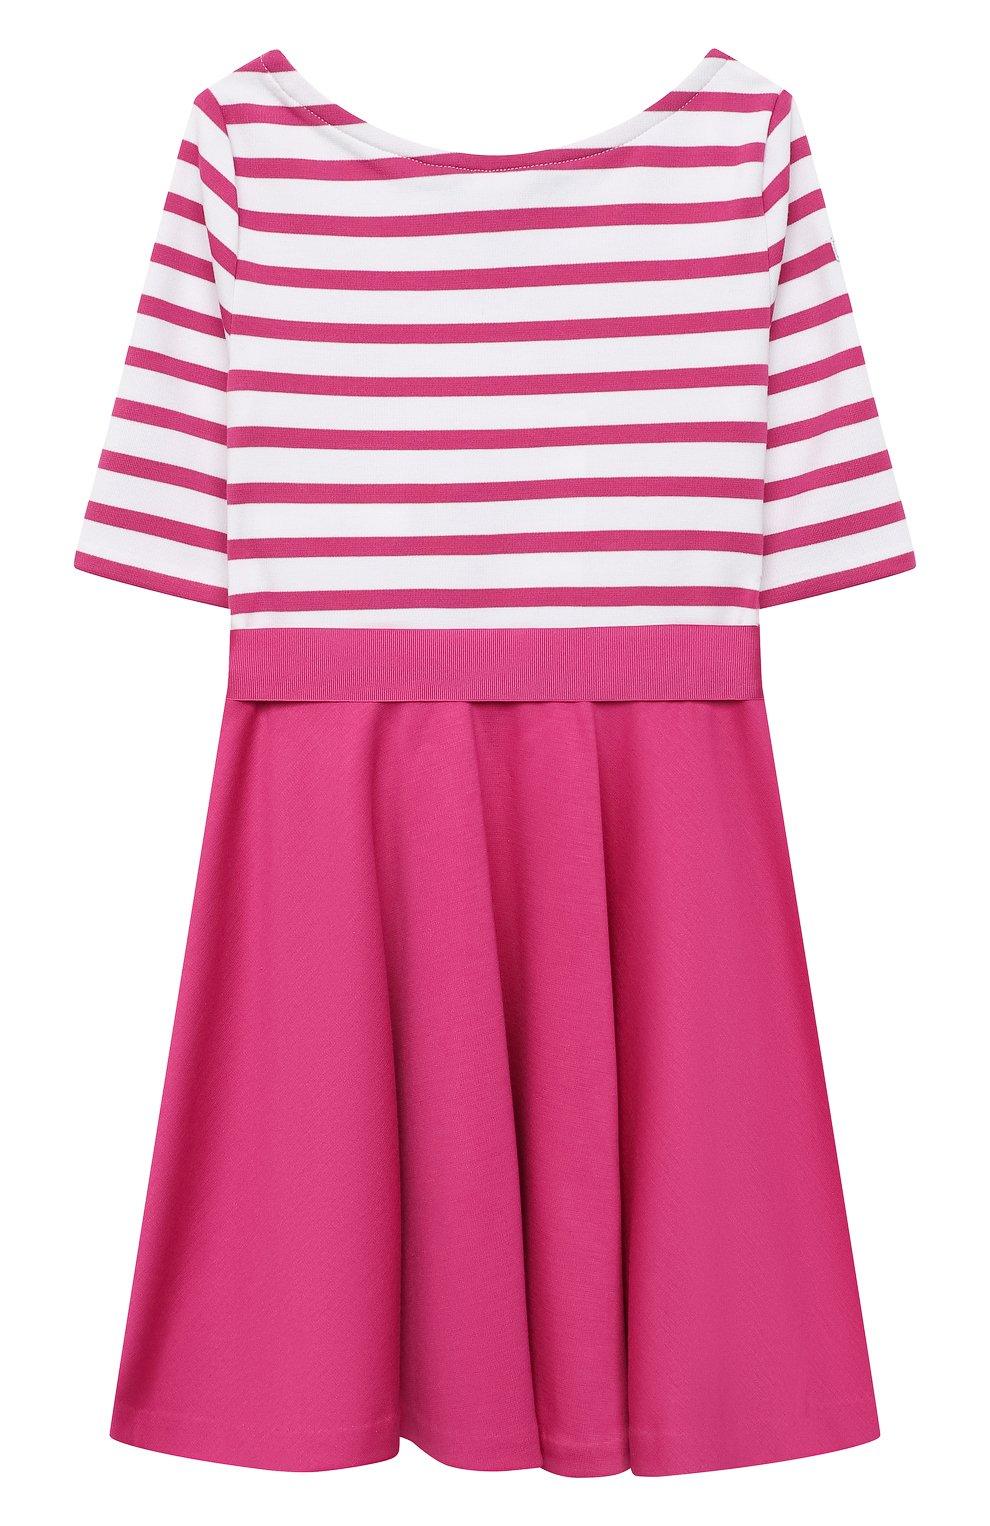 Детское платье с поясом POLO RALPH LAUREN розового цвета, арт. 311720091 | Фото 2 (Рукава: Короткие; Случай: Повседневный; Материал внешний: Синтетический материал; Ростовка одежда: 2 года | 92 см)